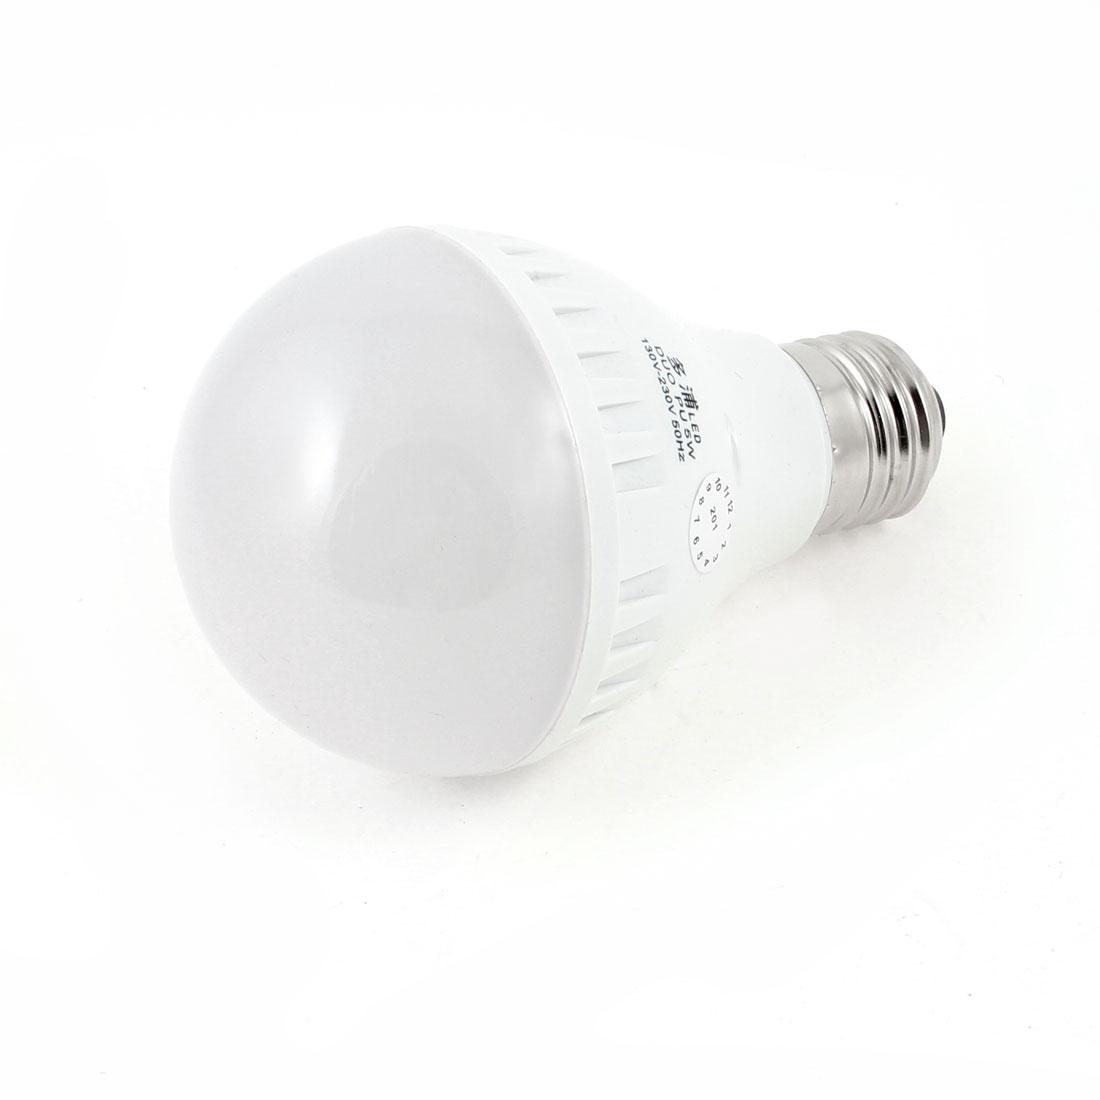 5W E27 Ball Bulb Ceiling White Lamp LED Energy Saving Light AC 130-230V